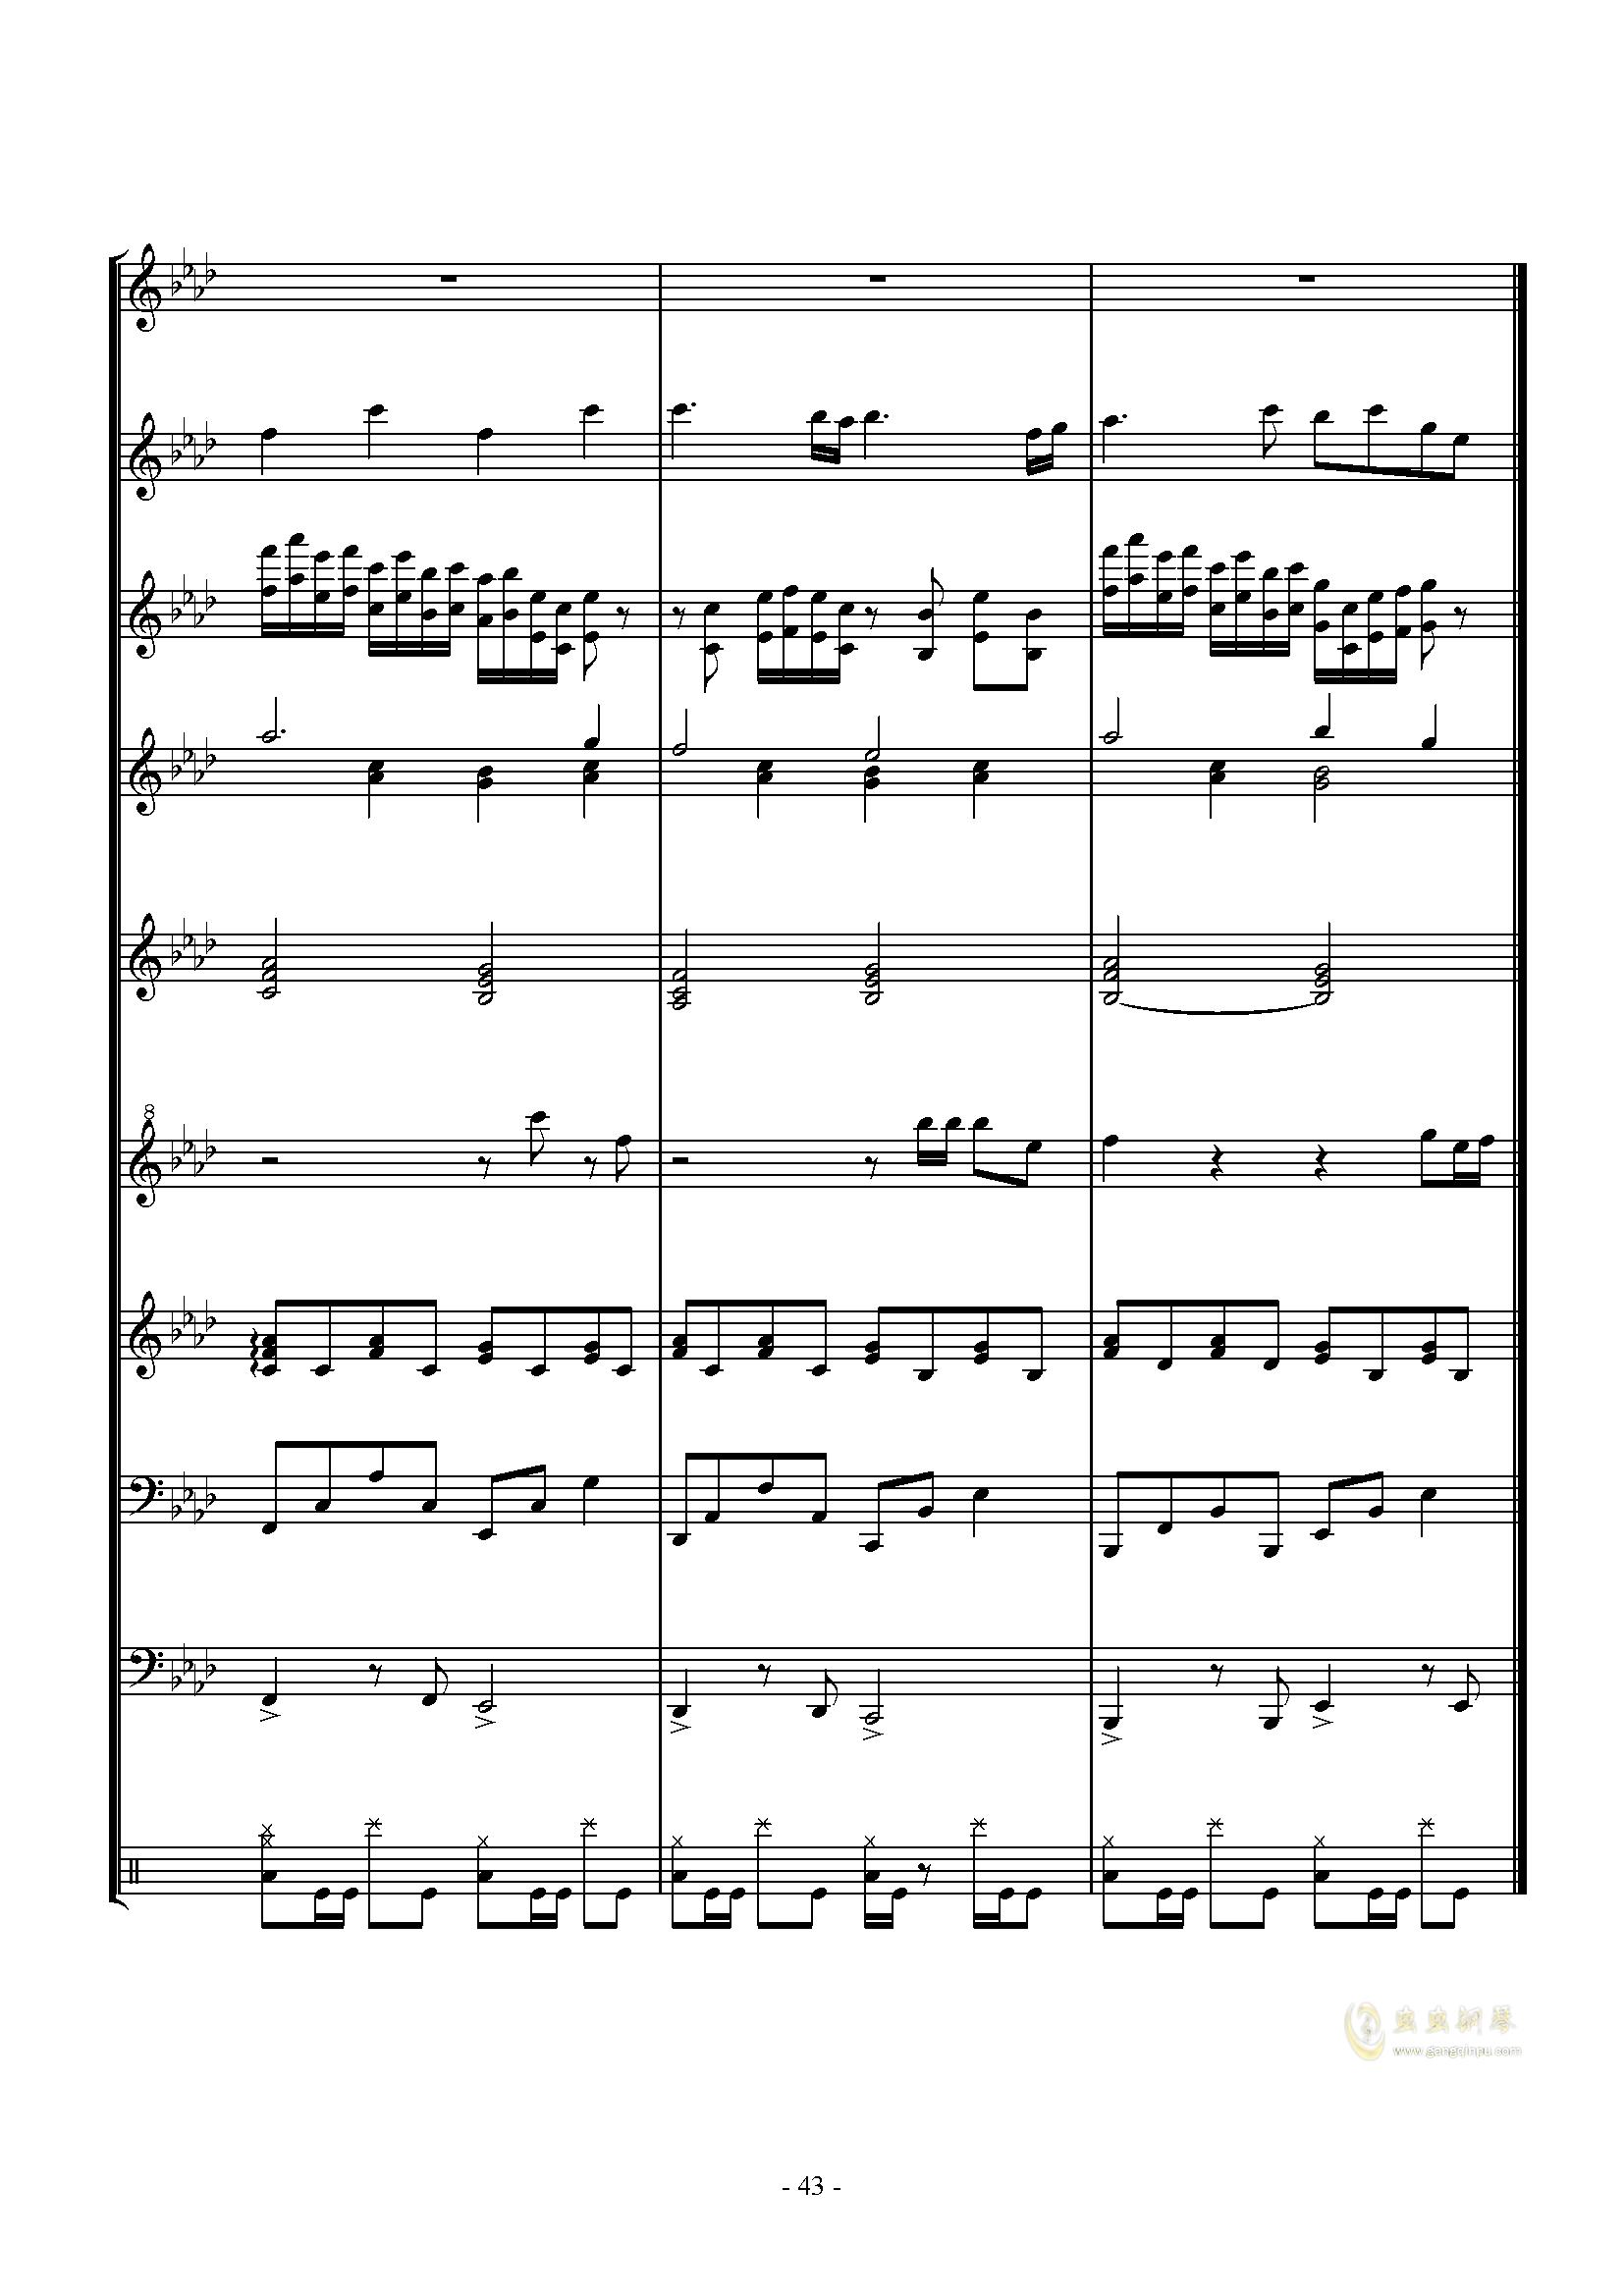 キミガタメ钢琴谱 第43页